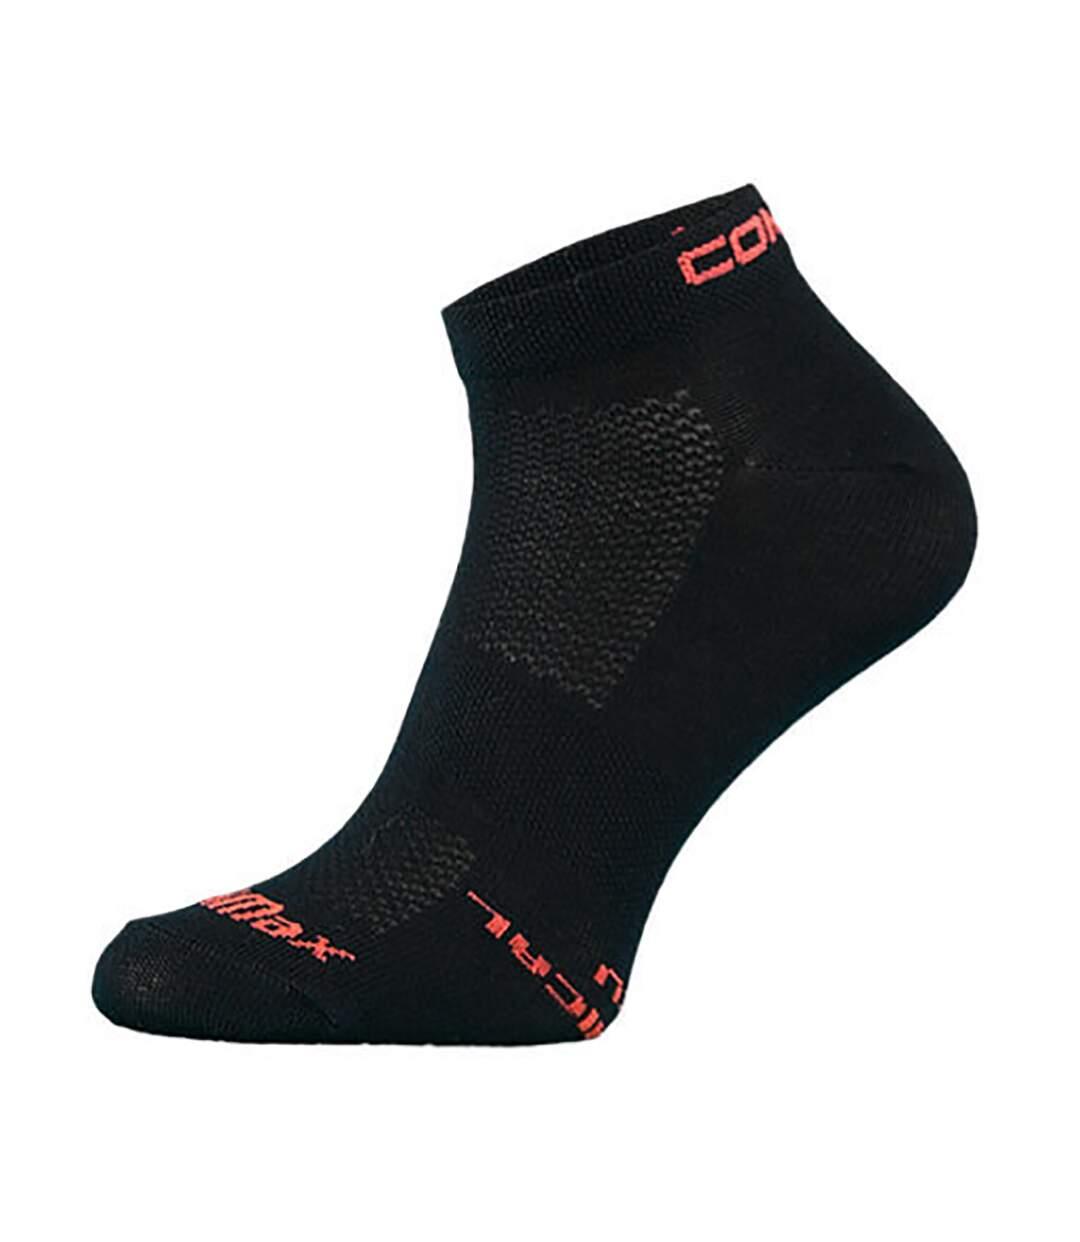 COMODO - Ultra Coolmax Ankle Length Running Socks